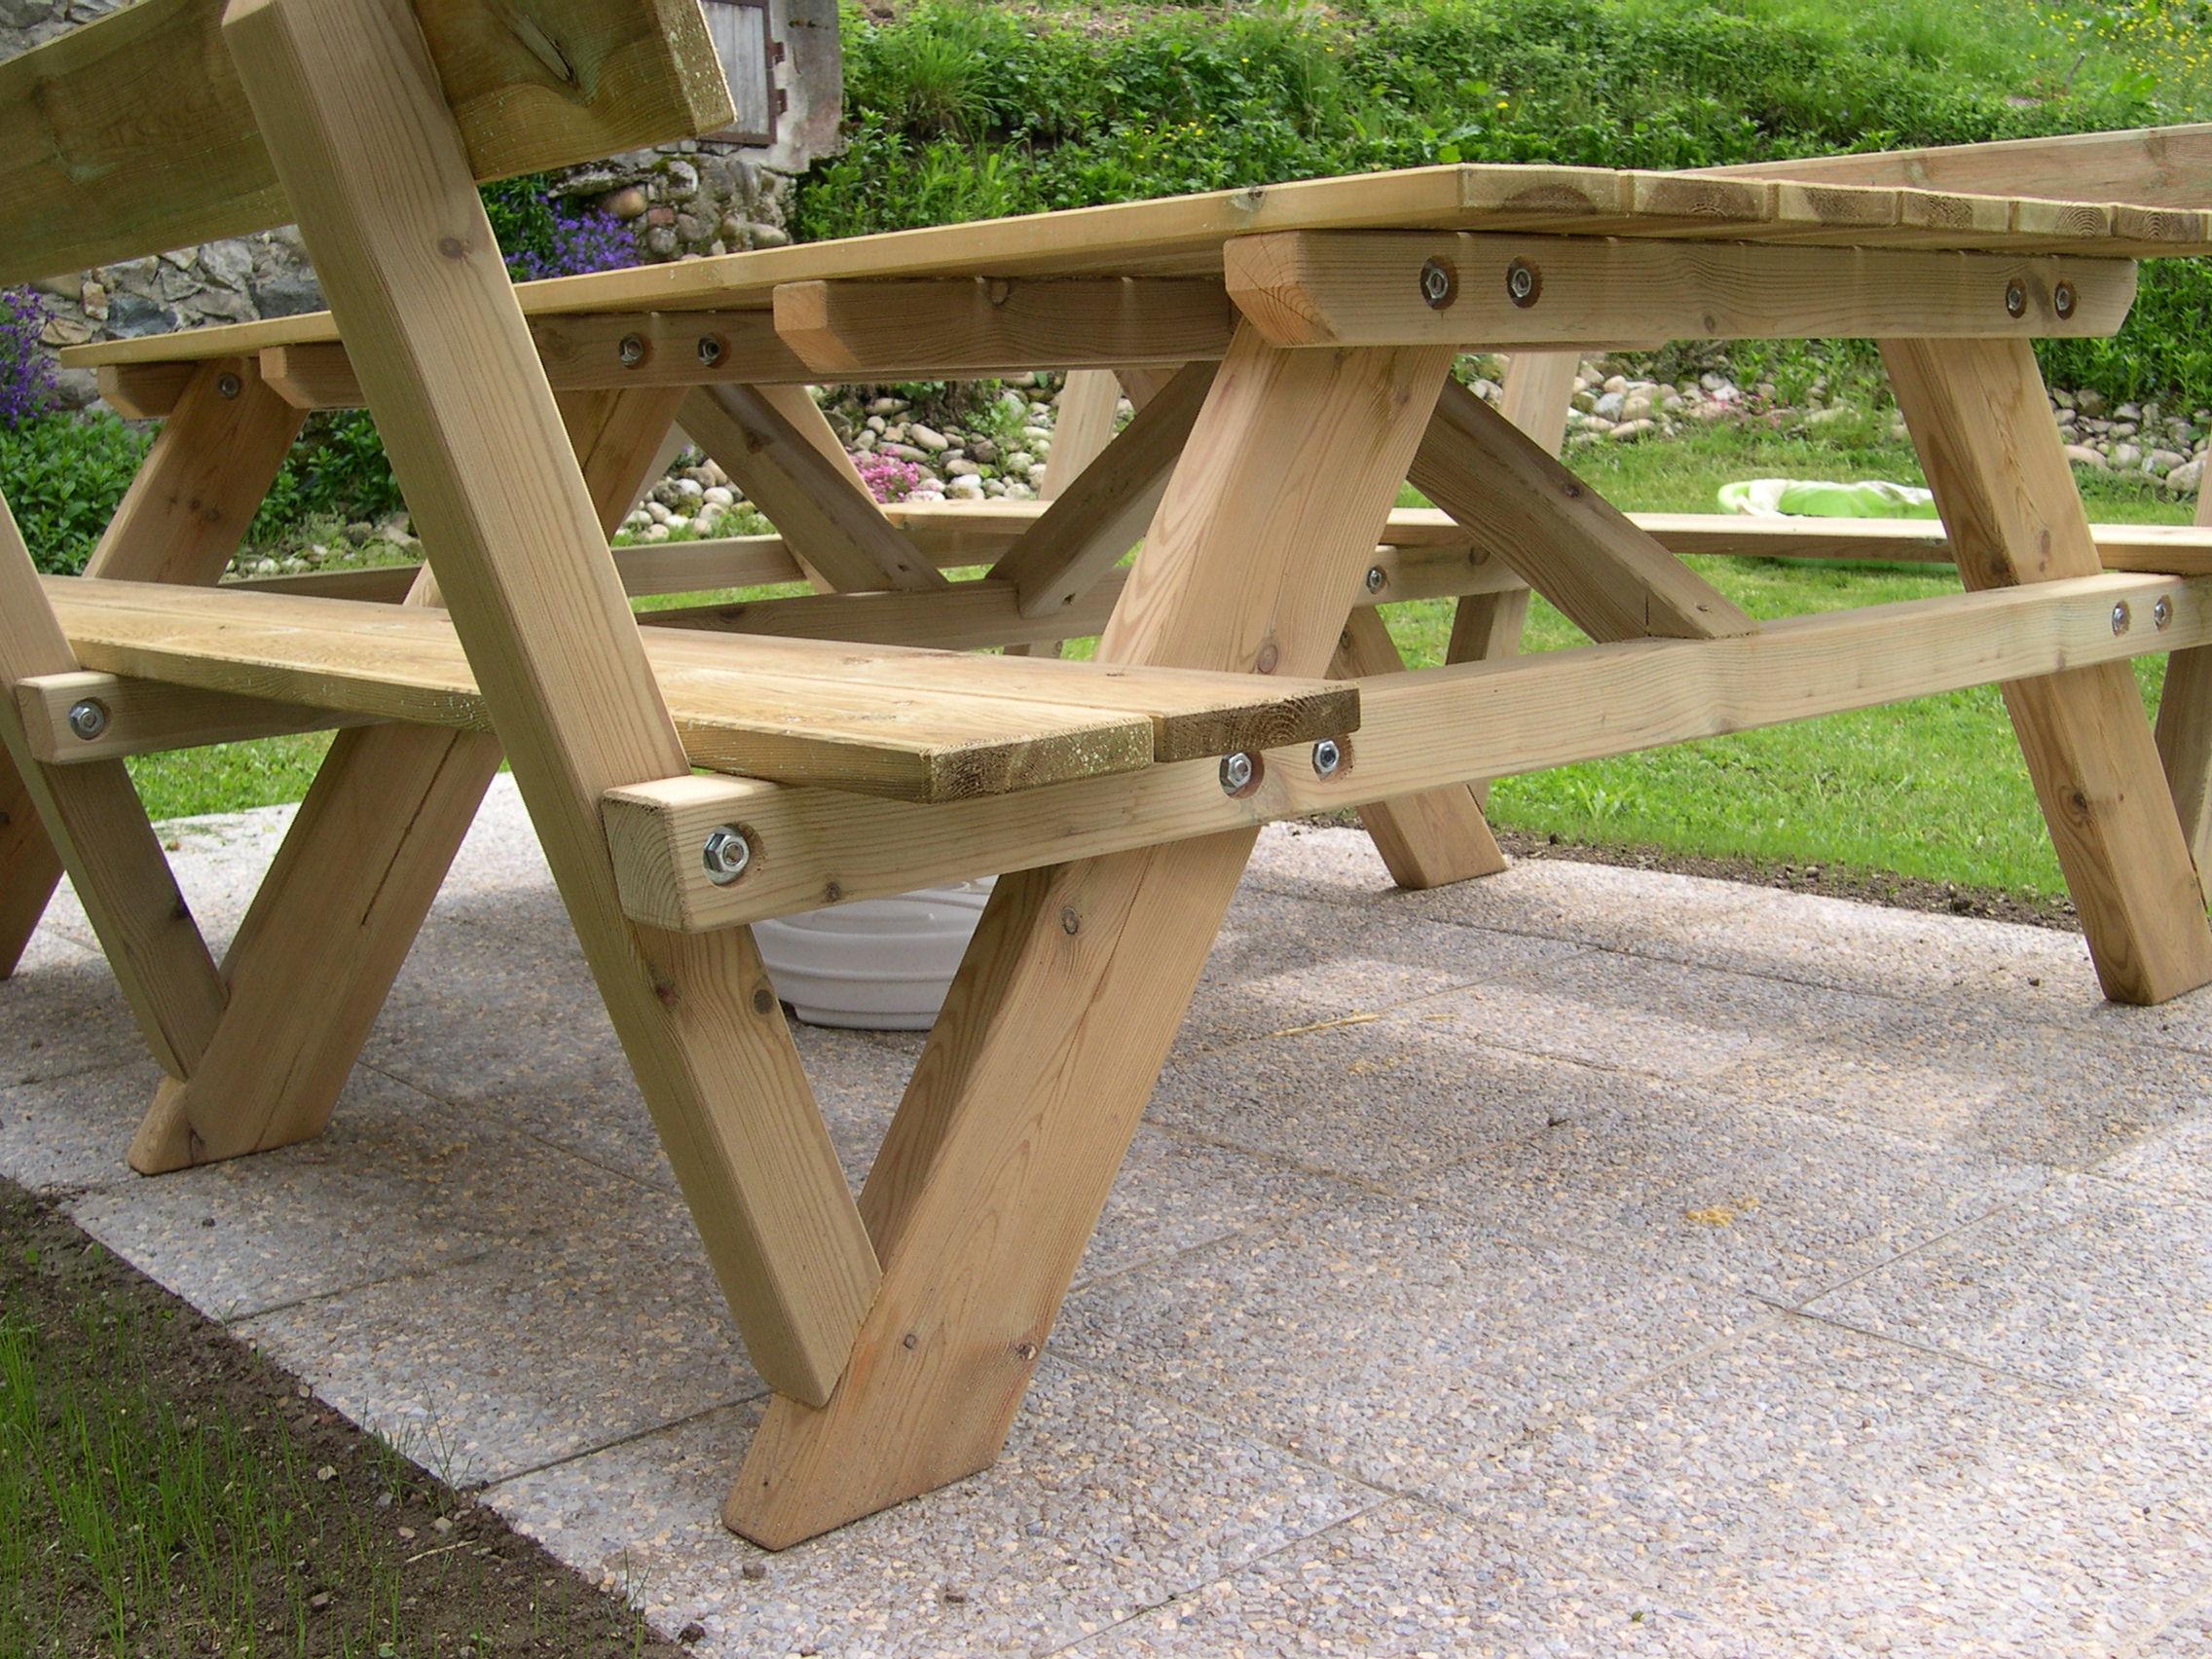 Construction D'une Table Pique-Nique | Asv850 concernant Plan Pour Fabriquer Une Table De Jardin En Bois